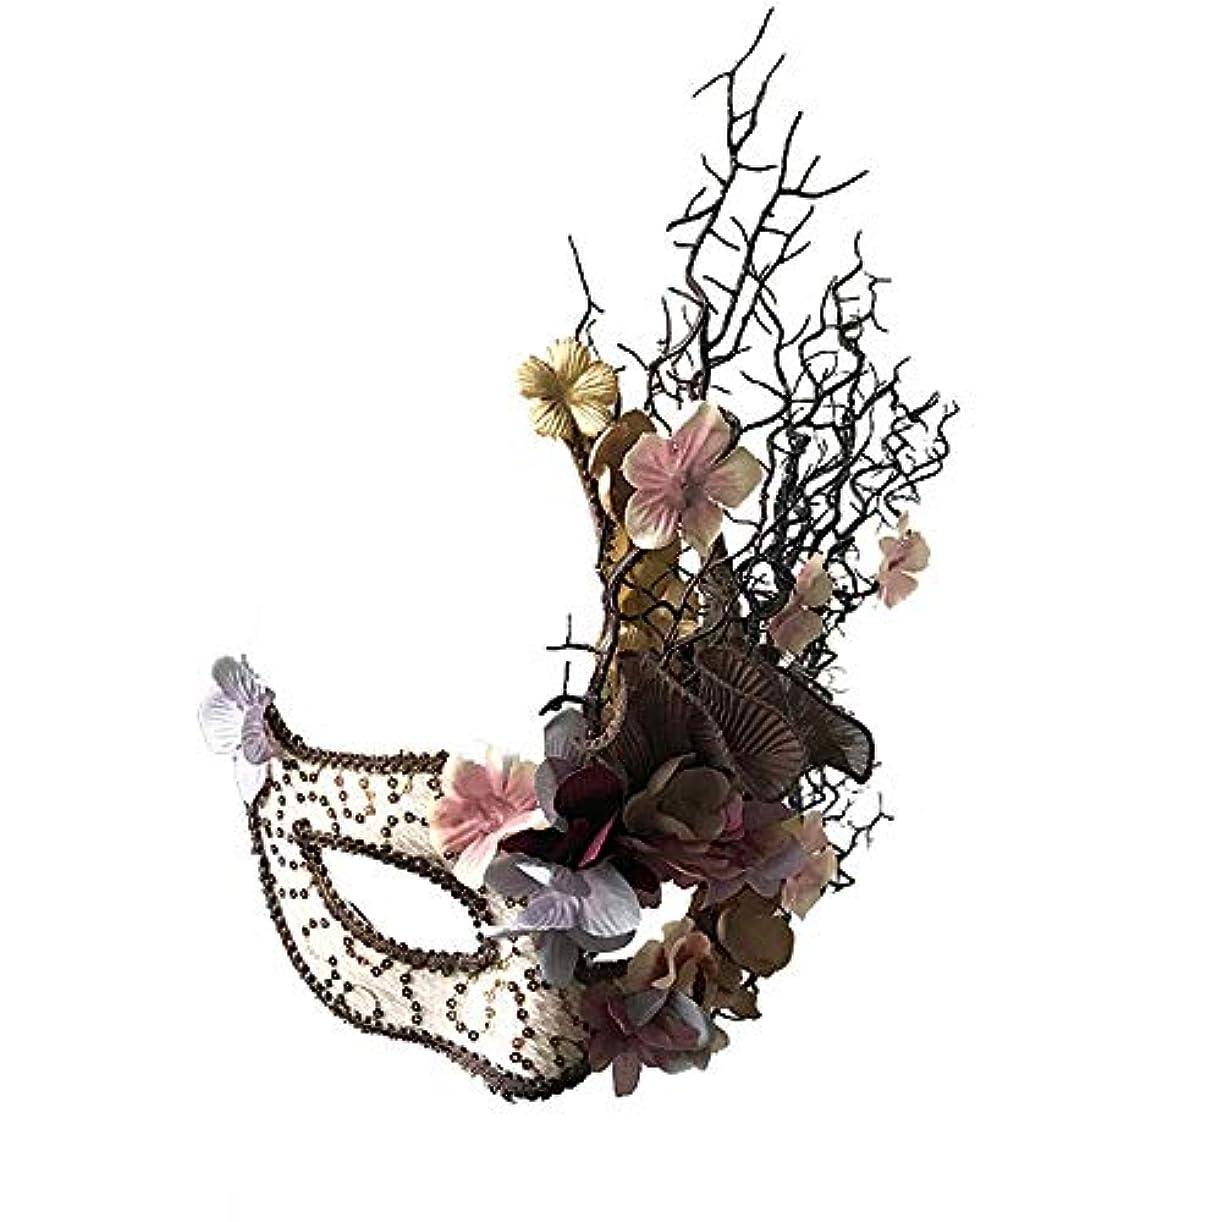 形容詞入り口命令的Nanle ハロウィンプラムツリーブランチマスク仮装手持ちのマスクレディミスプリンセス美容祭パーティーデコレーション (色 : Pink hand-held)